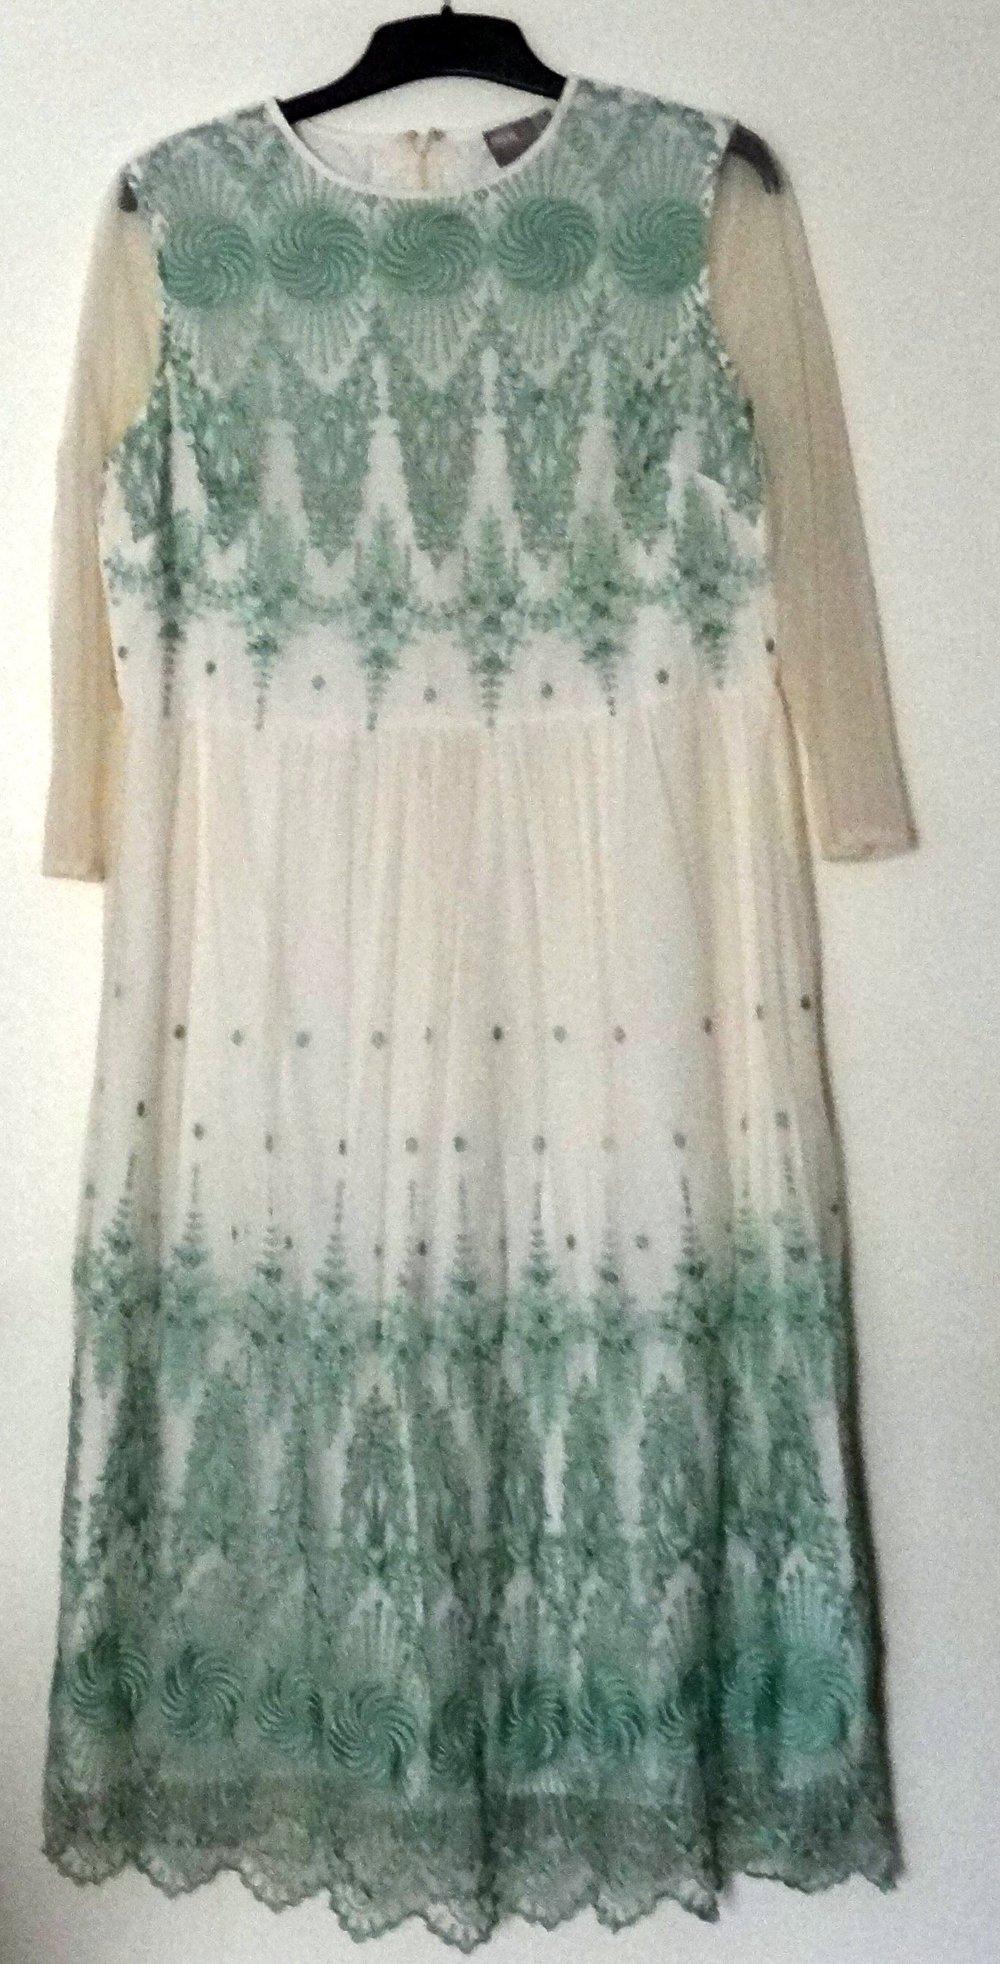 ASOS - Kleid, festlich, cremeweiß, Midikleid, Spitze, Gr ...